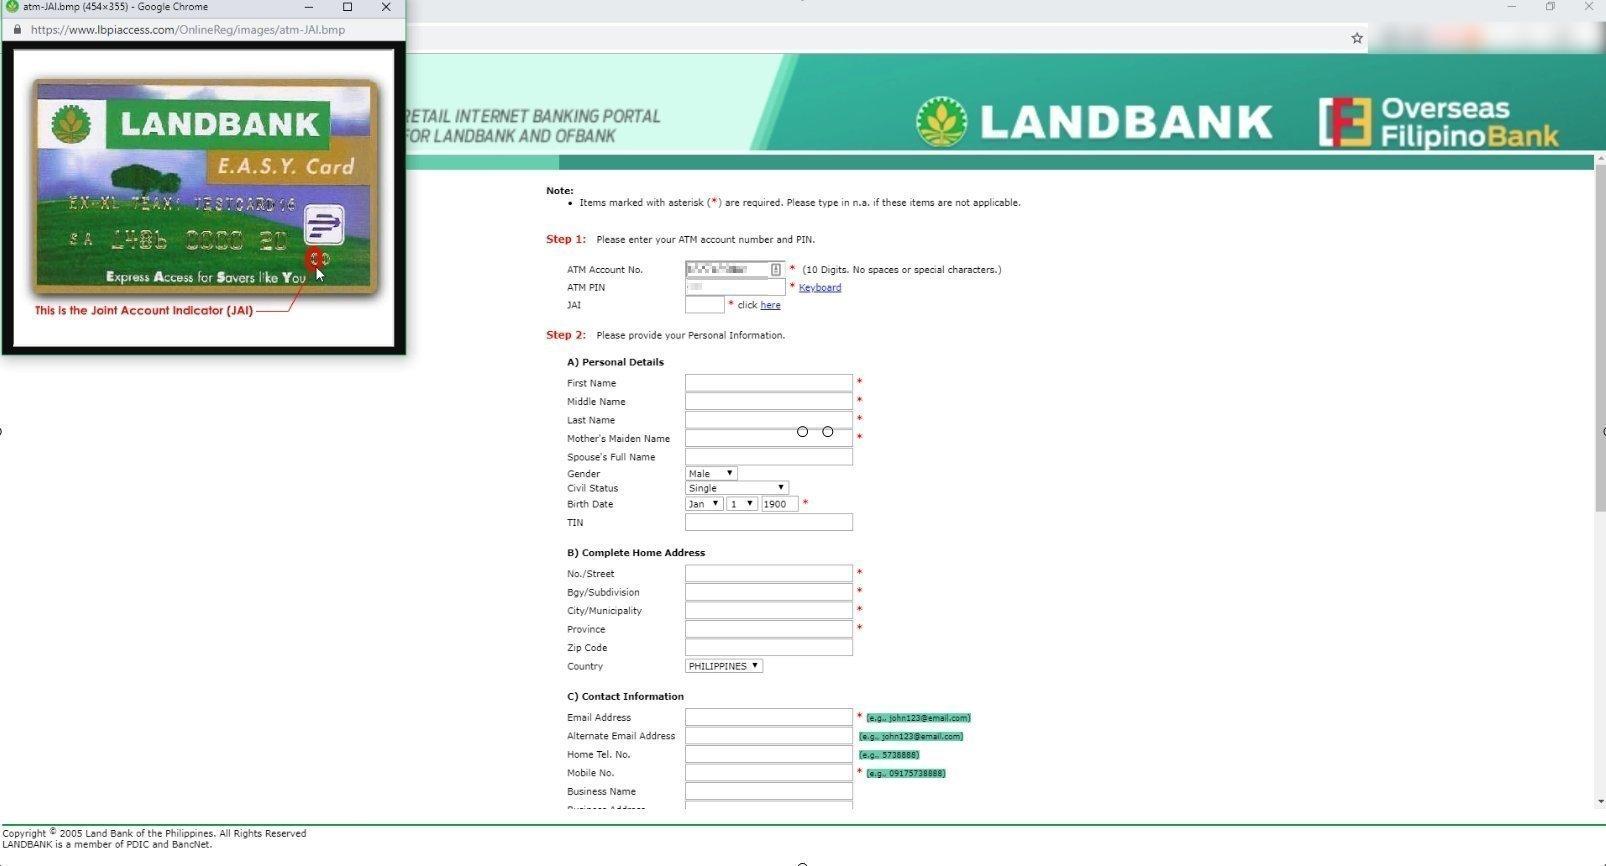 landbank online enrollment registration